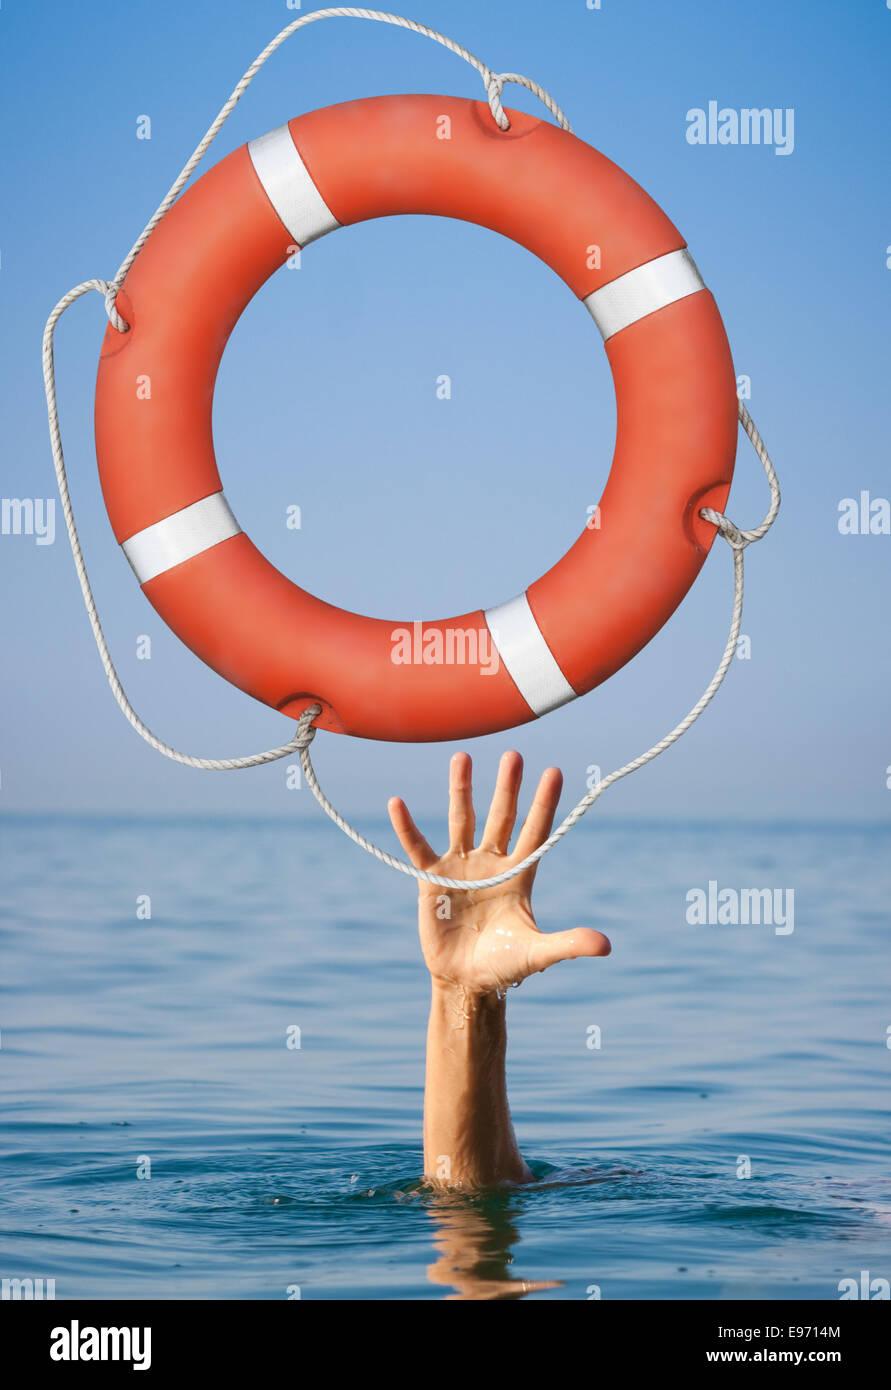 Hilfe-Konzept. Rettungsring für die Hand des Mannes im offenen Meer oder Ozean Wasser ertrinken. Stockbild